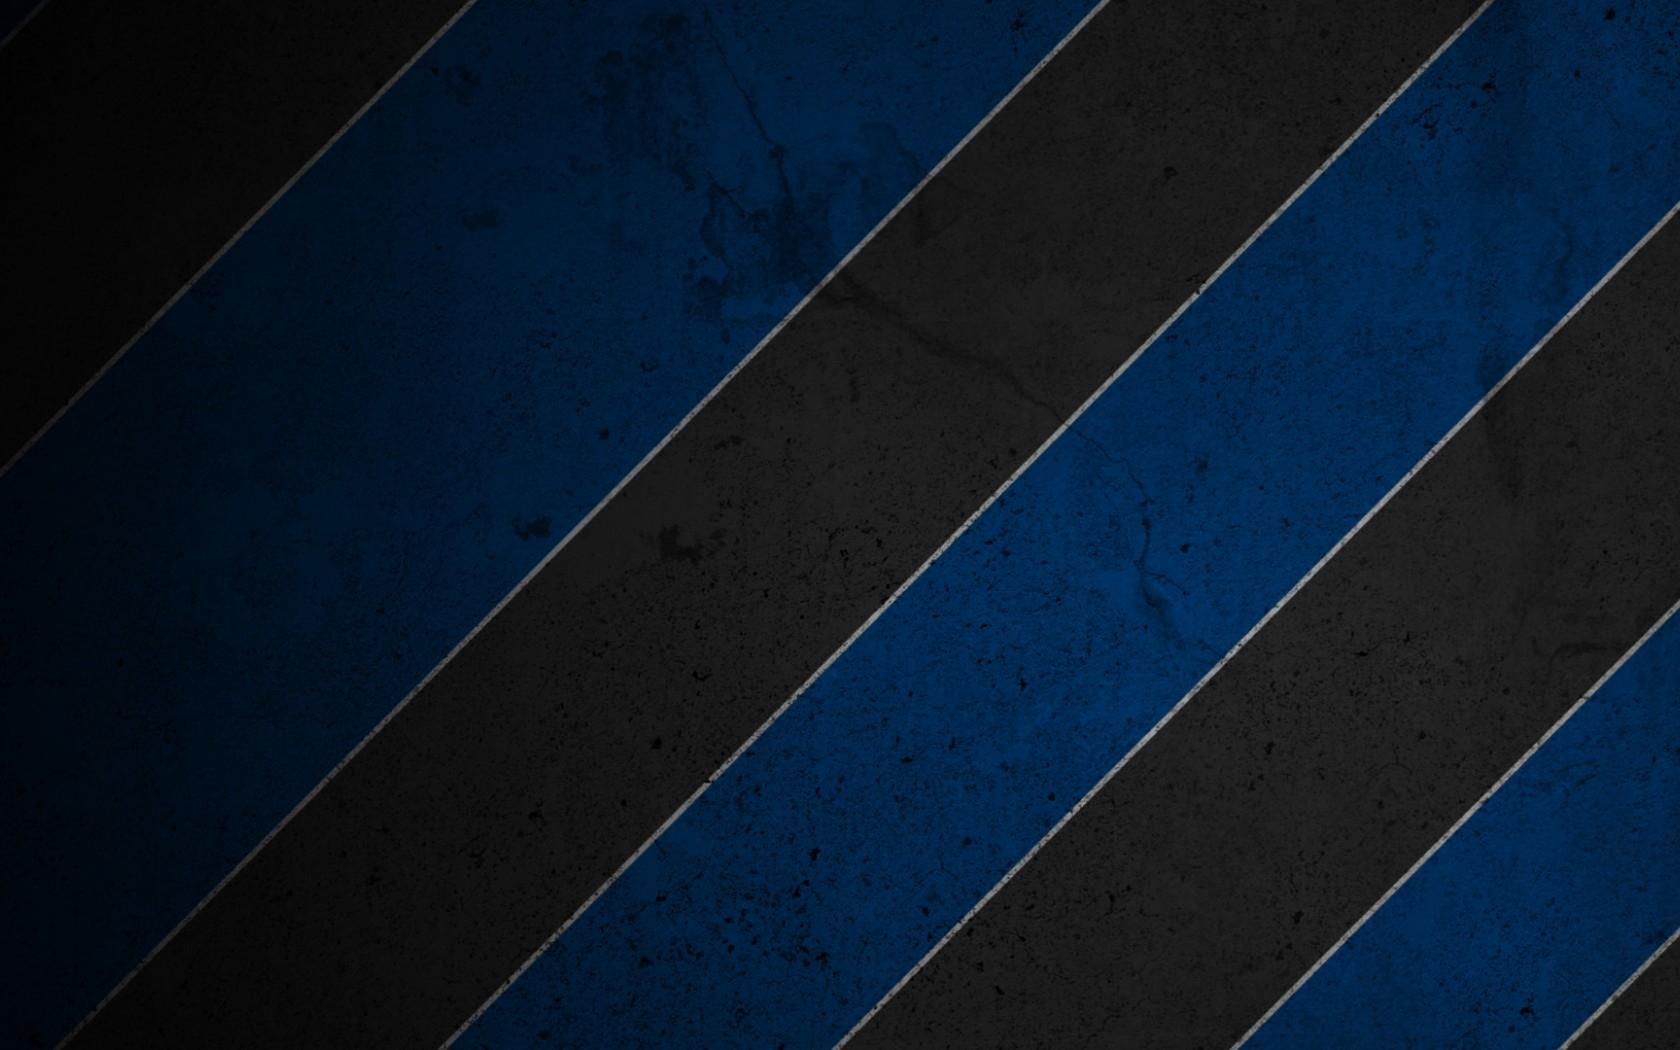 Wallpaper : White, Black, Space, Blue, Circle, Stripes